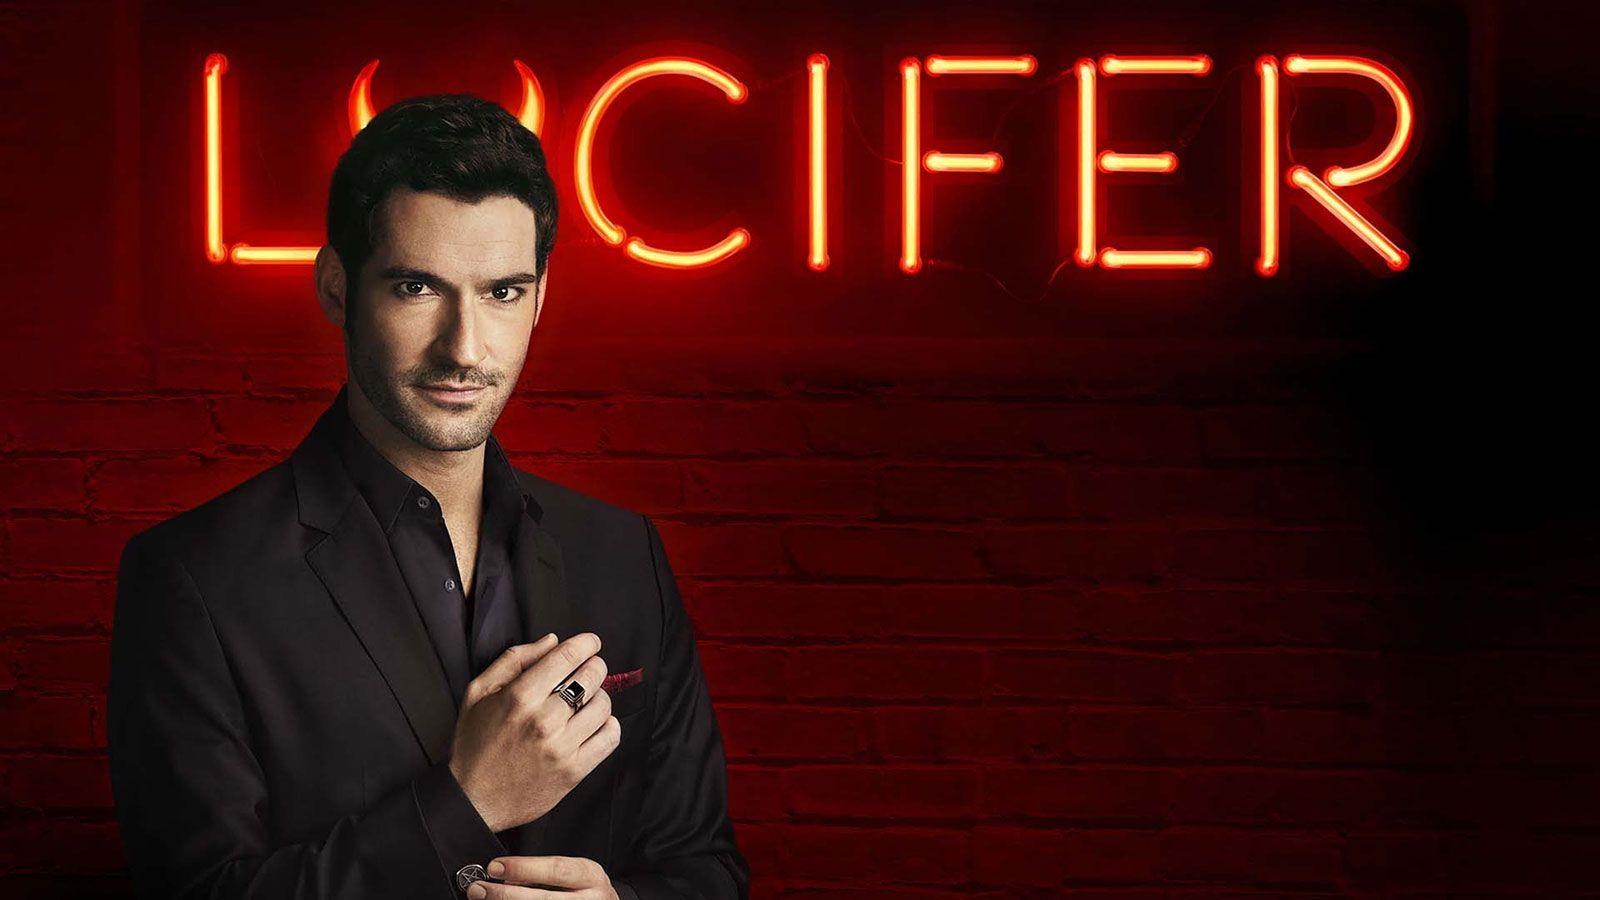 Lucifer temporada 5 llega ya a la pantalla de Netflix.